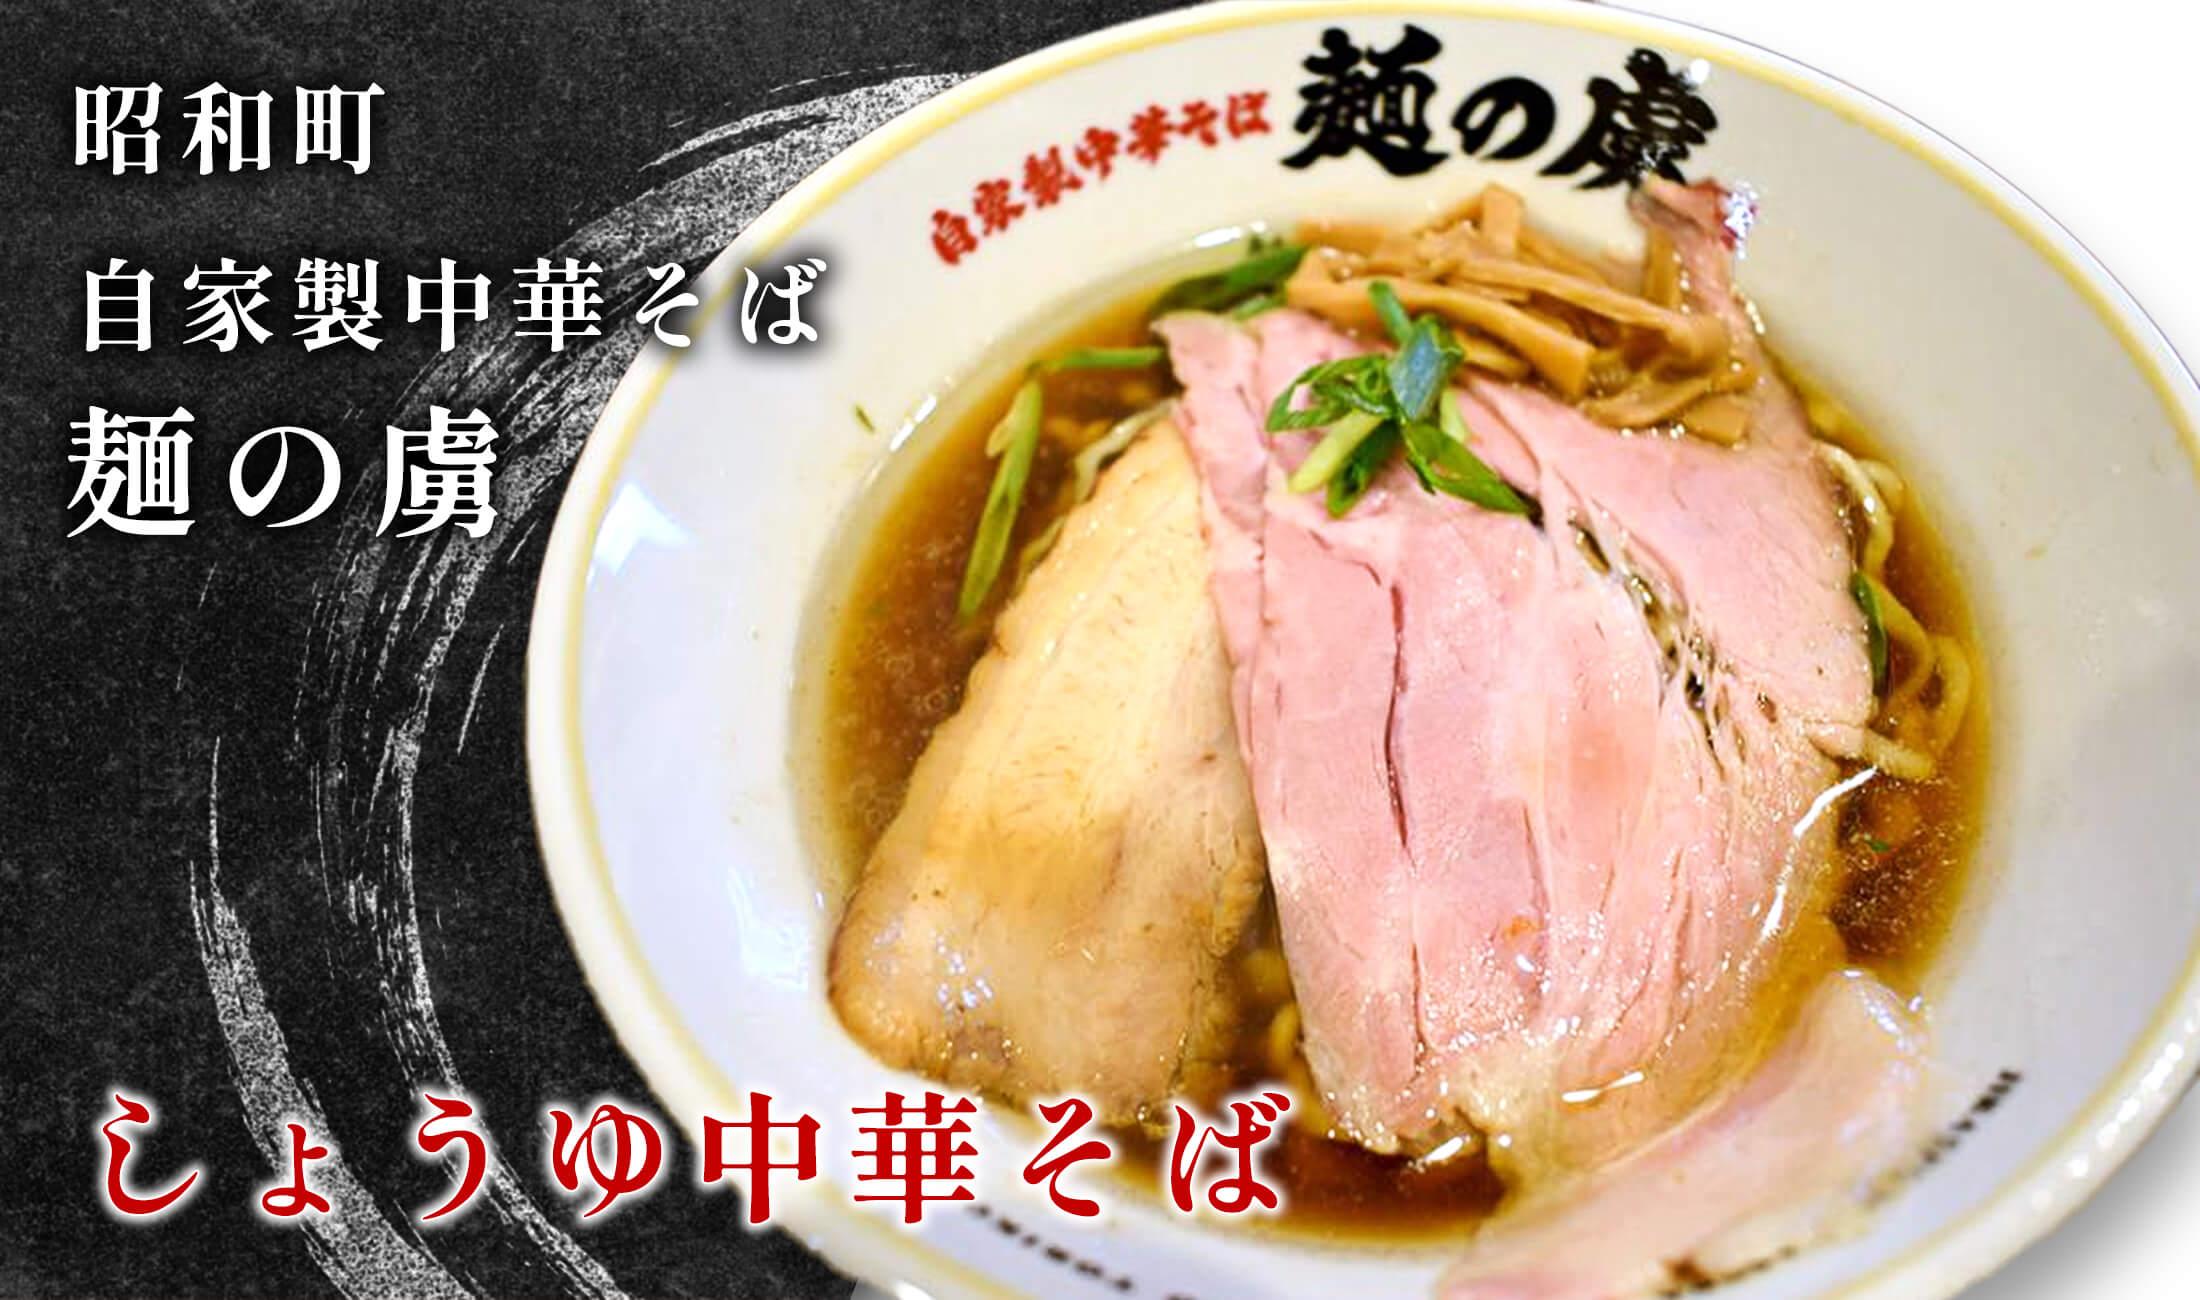 昭和町 自家製中華そば 麺の虜 しょうゆ中華そば